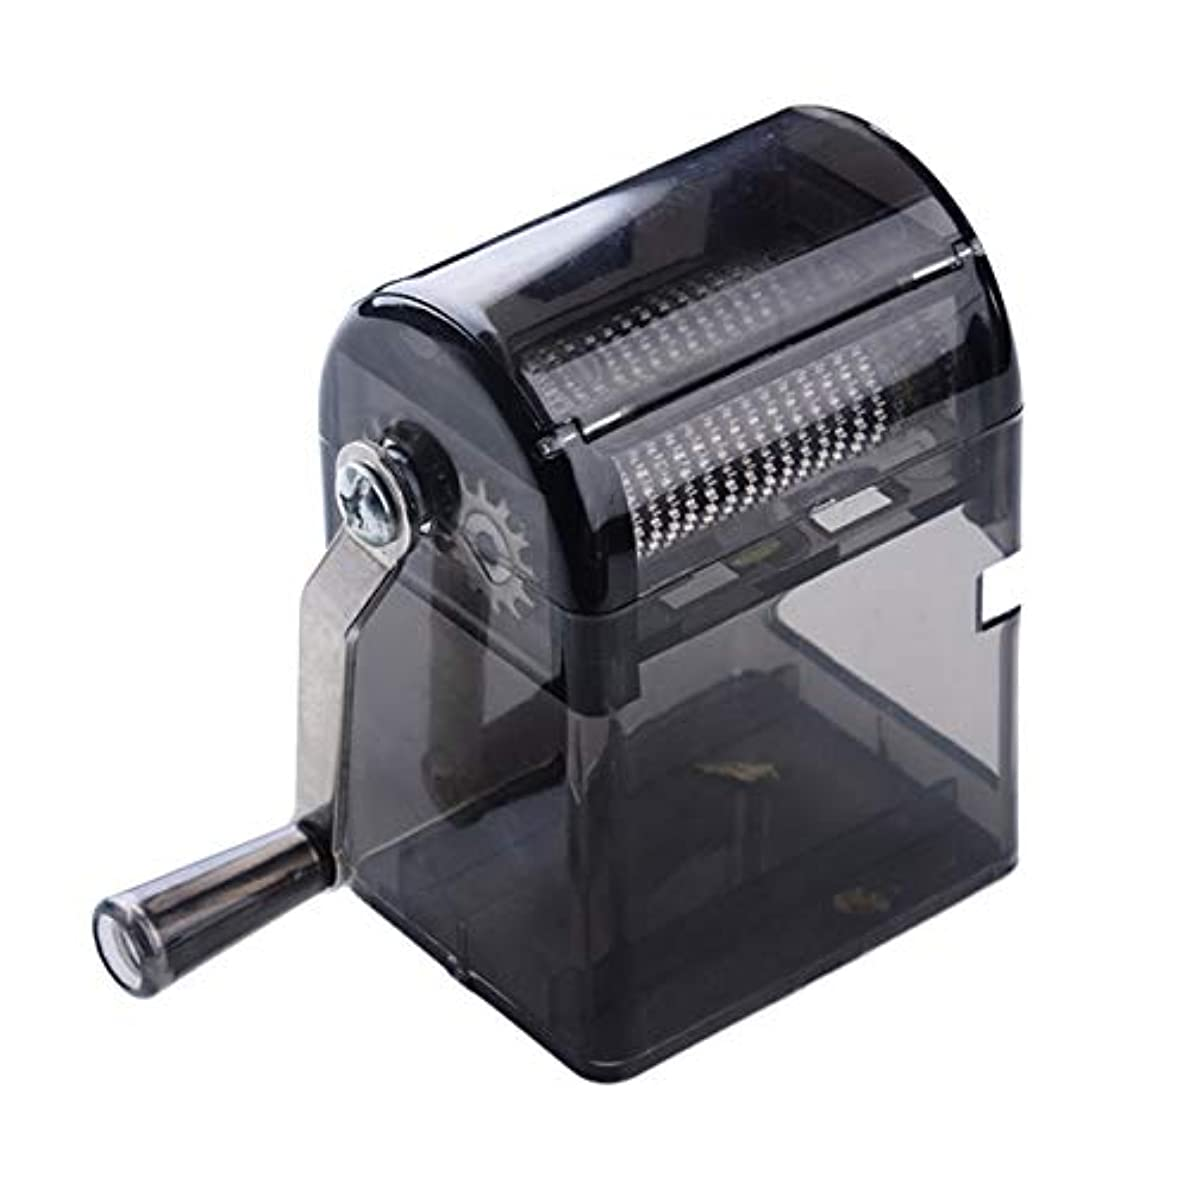 ローマ人漂流地雷原Saikogoods シンプルなデザイン手回しタバコグラインダー耐久性のある利用タバコハーブスパイスクラッシャーマニュアルミュラータバコ用品 黒